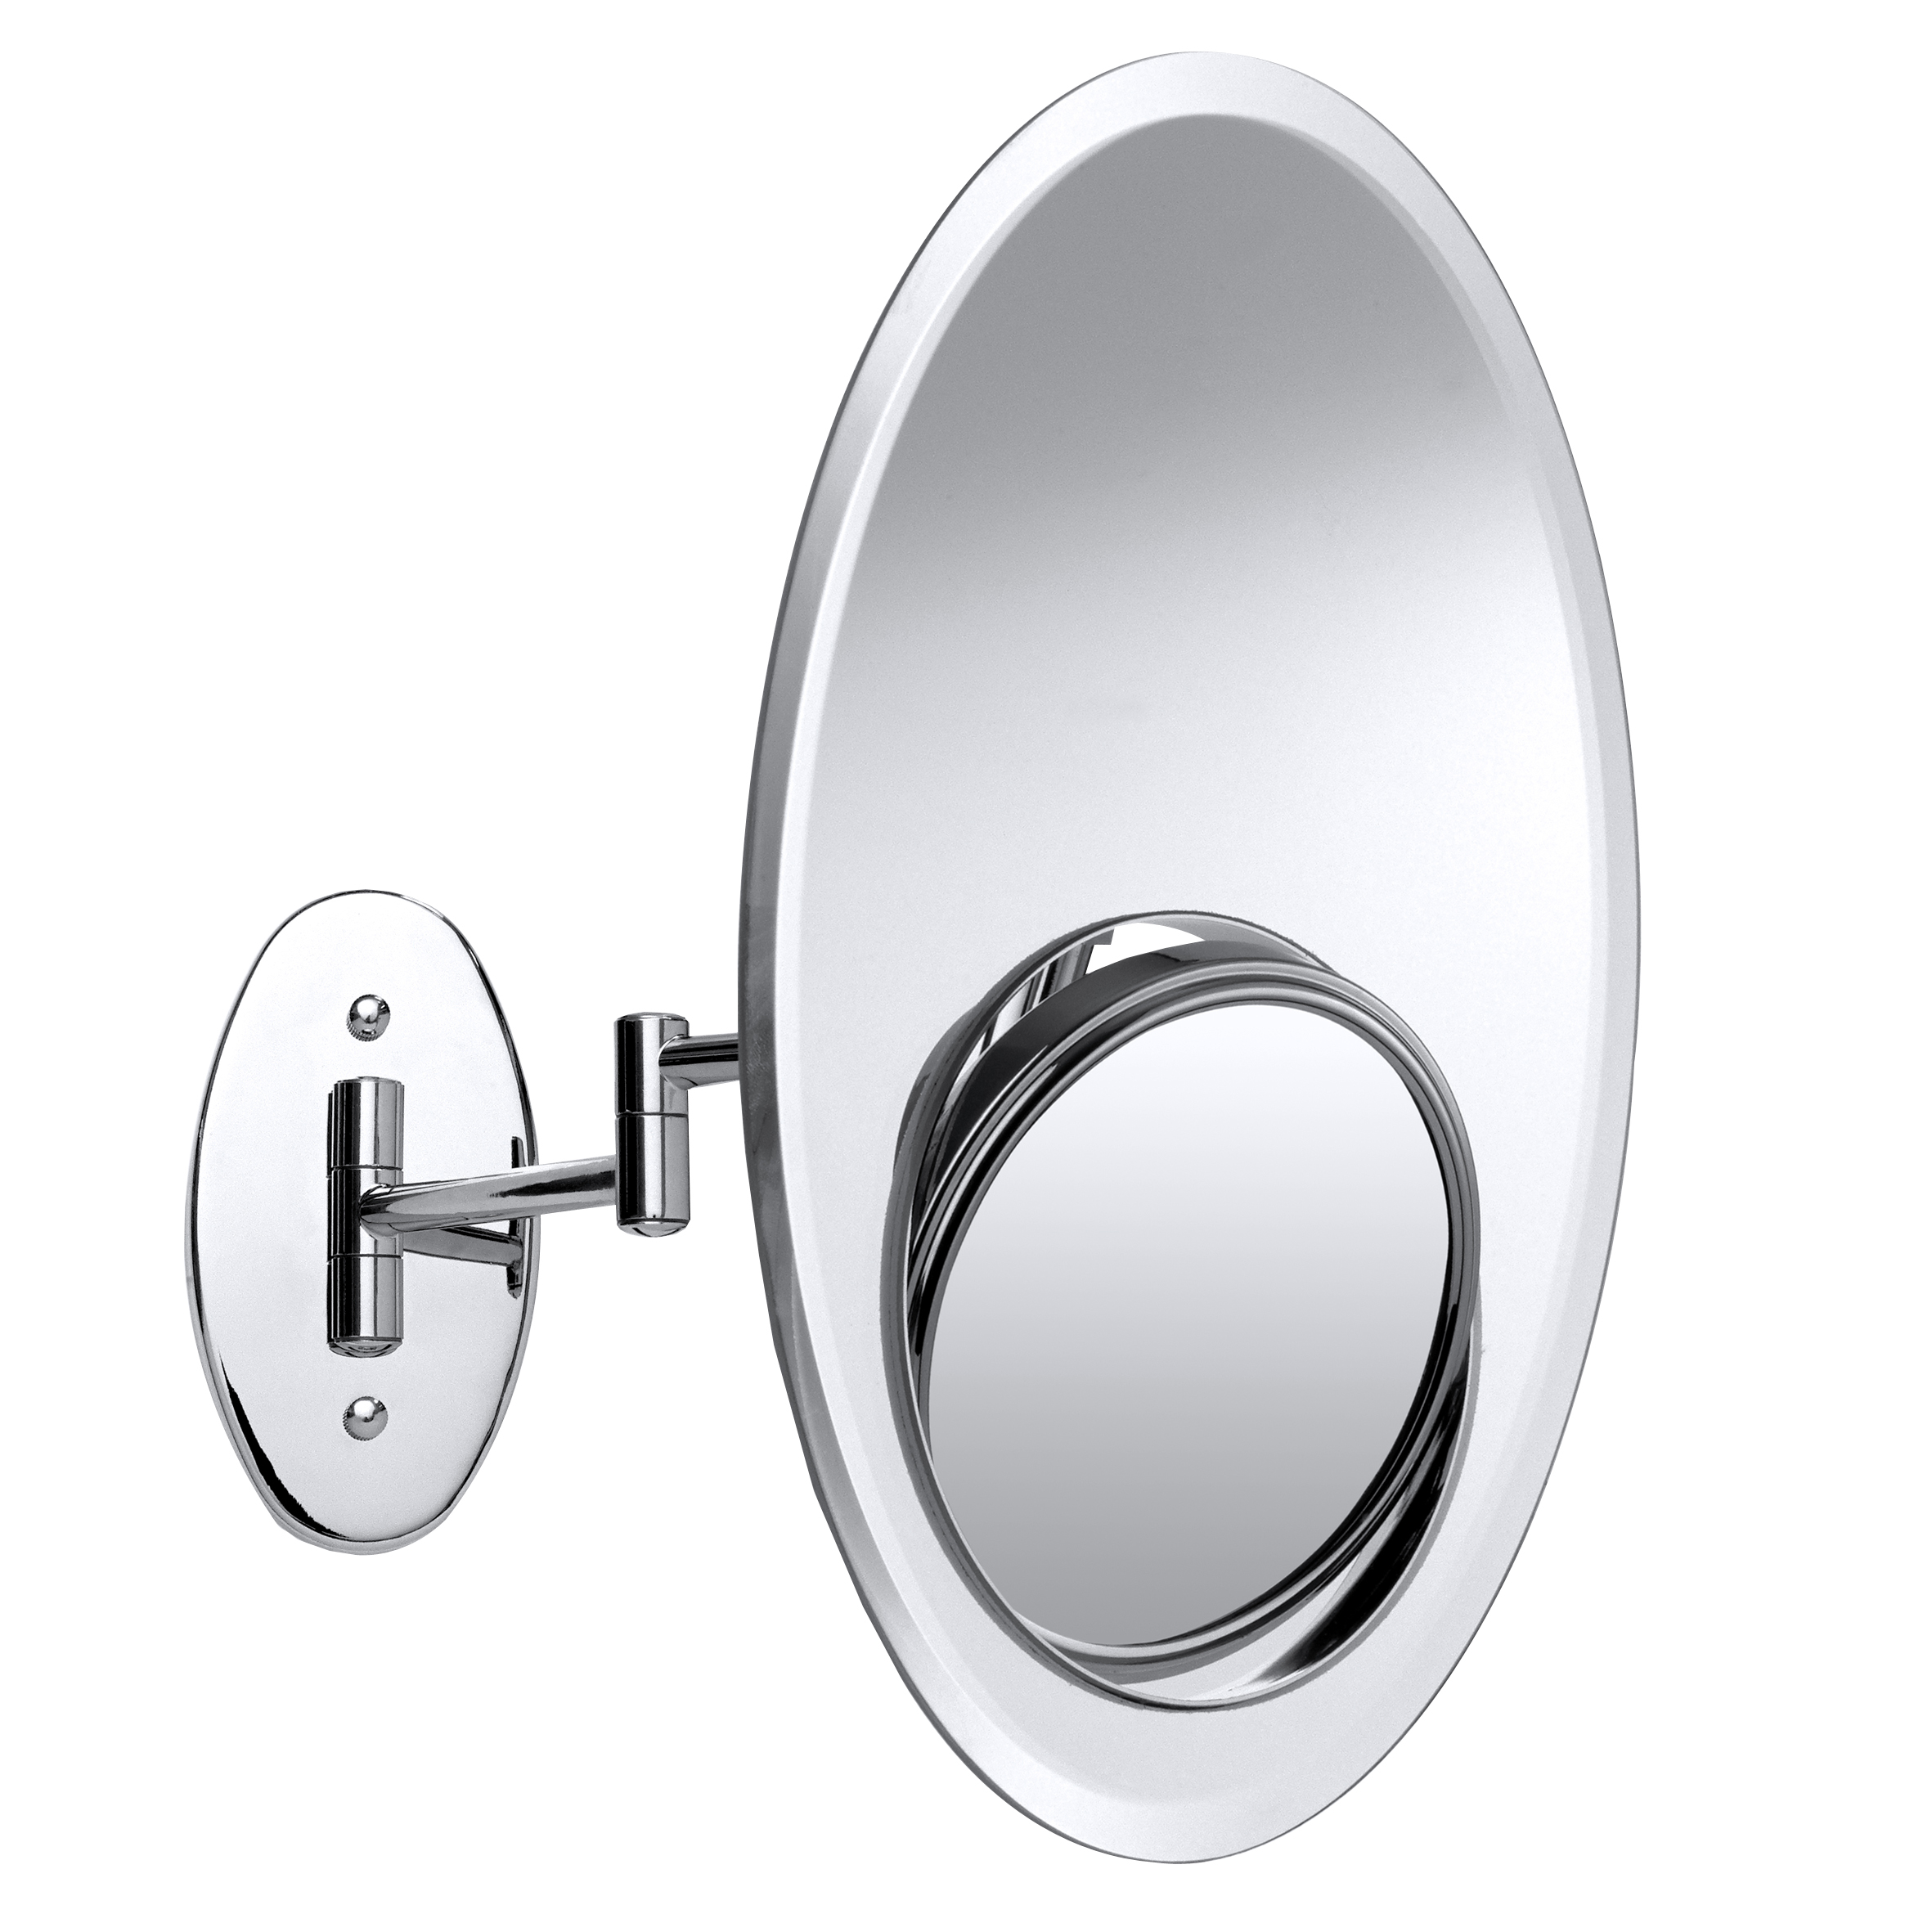 Зеркало косметическое Axentia, настенное, диаметр 12,5 смFS-80423Настенное косметическое зеркало 3 в 1 Axentia, изготовленное из стали и стекла, идеально подходит для нанесения макияжа и совершения различных косметических процедур. Изделие овальной формы имеет встроенное двухстороннее зеркало. Зеркало с регулируемым углом наклона позволит вам установить его так, как это удобно вам, а увеличение в 2 и в 8 раз на каждой из сторон поможет разглядеть даже малейшие нюансы и устранить все недостатки кожи. Возможность использовать 3 типа зеркала создаст дополнительный комфорт при использовании данного аксессуара. Изделие крепится на стену с помощью шурупов (в комплекте). Яркий и стильный дизайн зеркала делает его отличным подарком родным и близким, оно будет прекрасно смотреться в любом интерьере.Размер овального зеркала: 30 см х 20 см.Диаметр круглого зеркала: 12,5 см.Высота: 35 см.